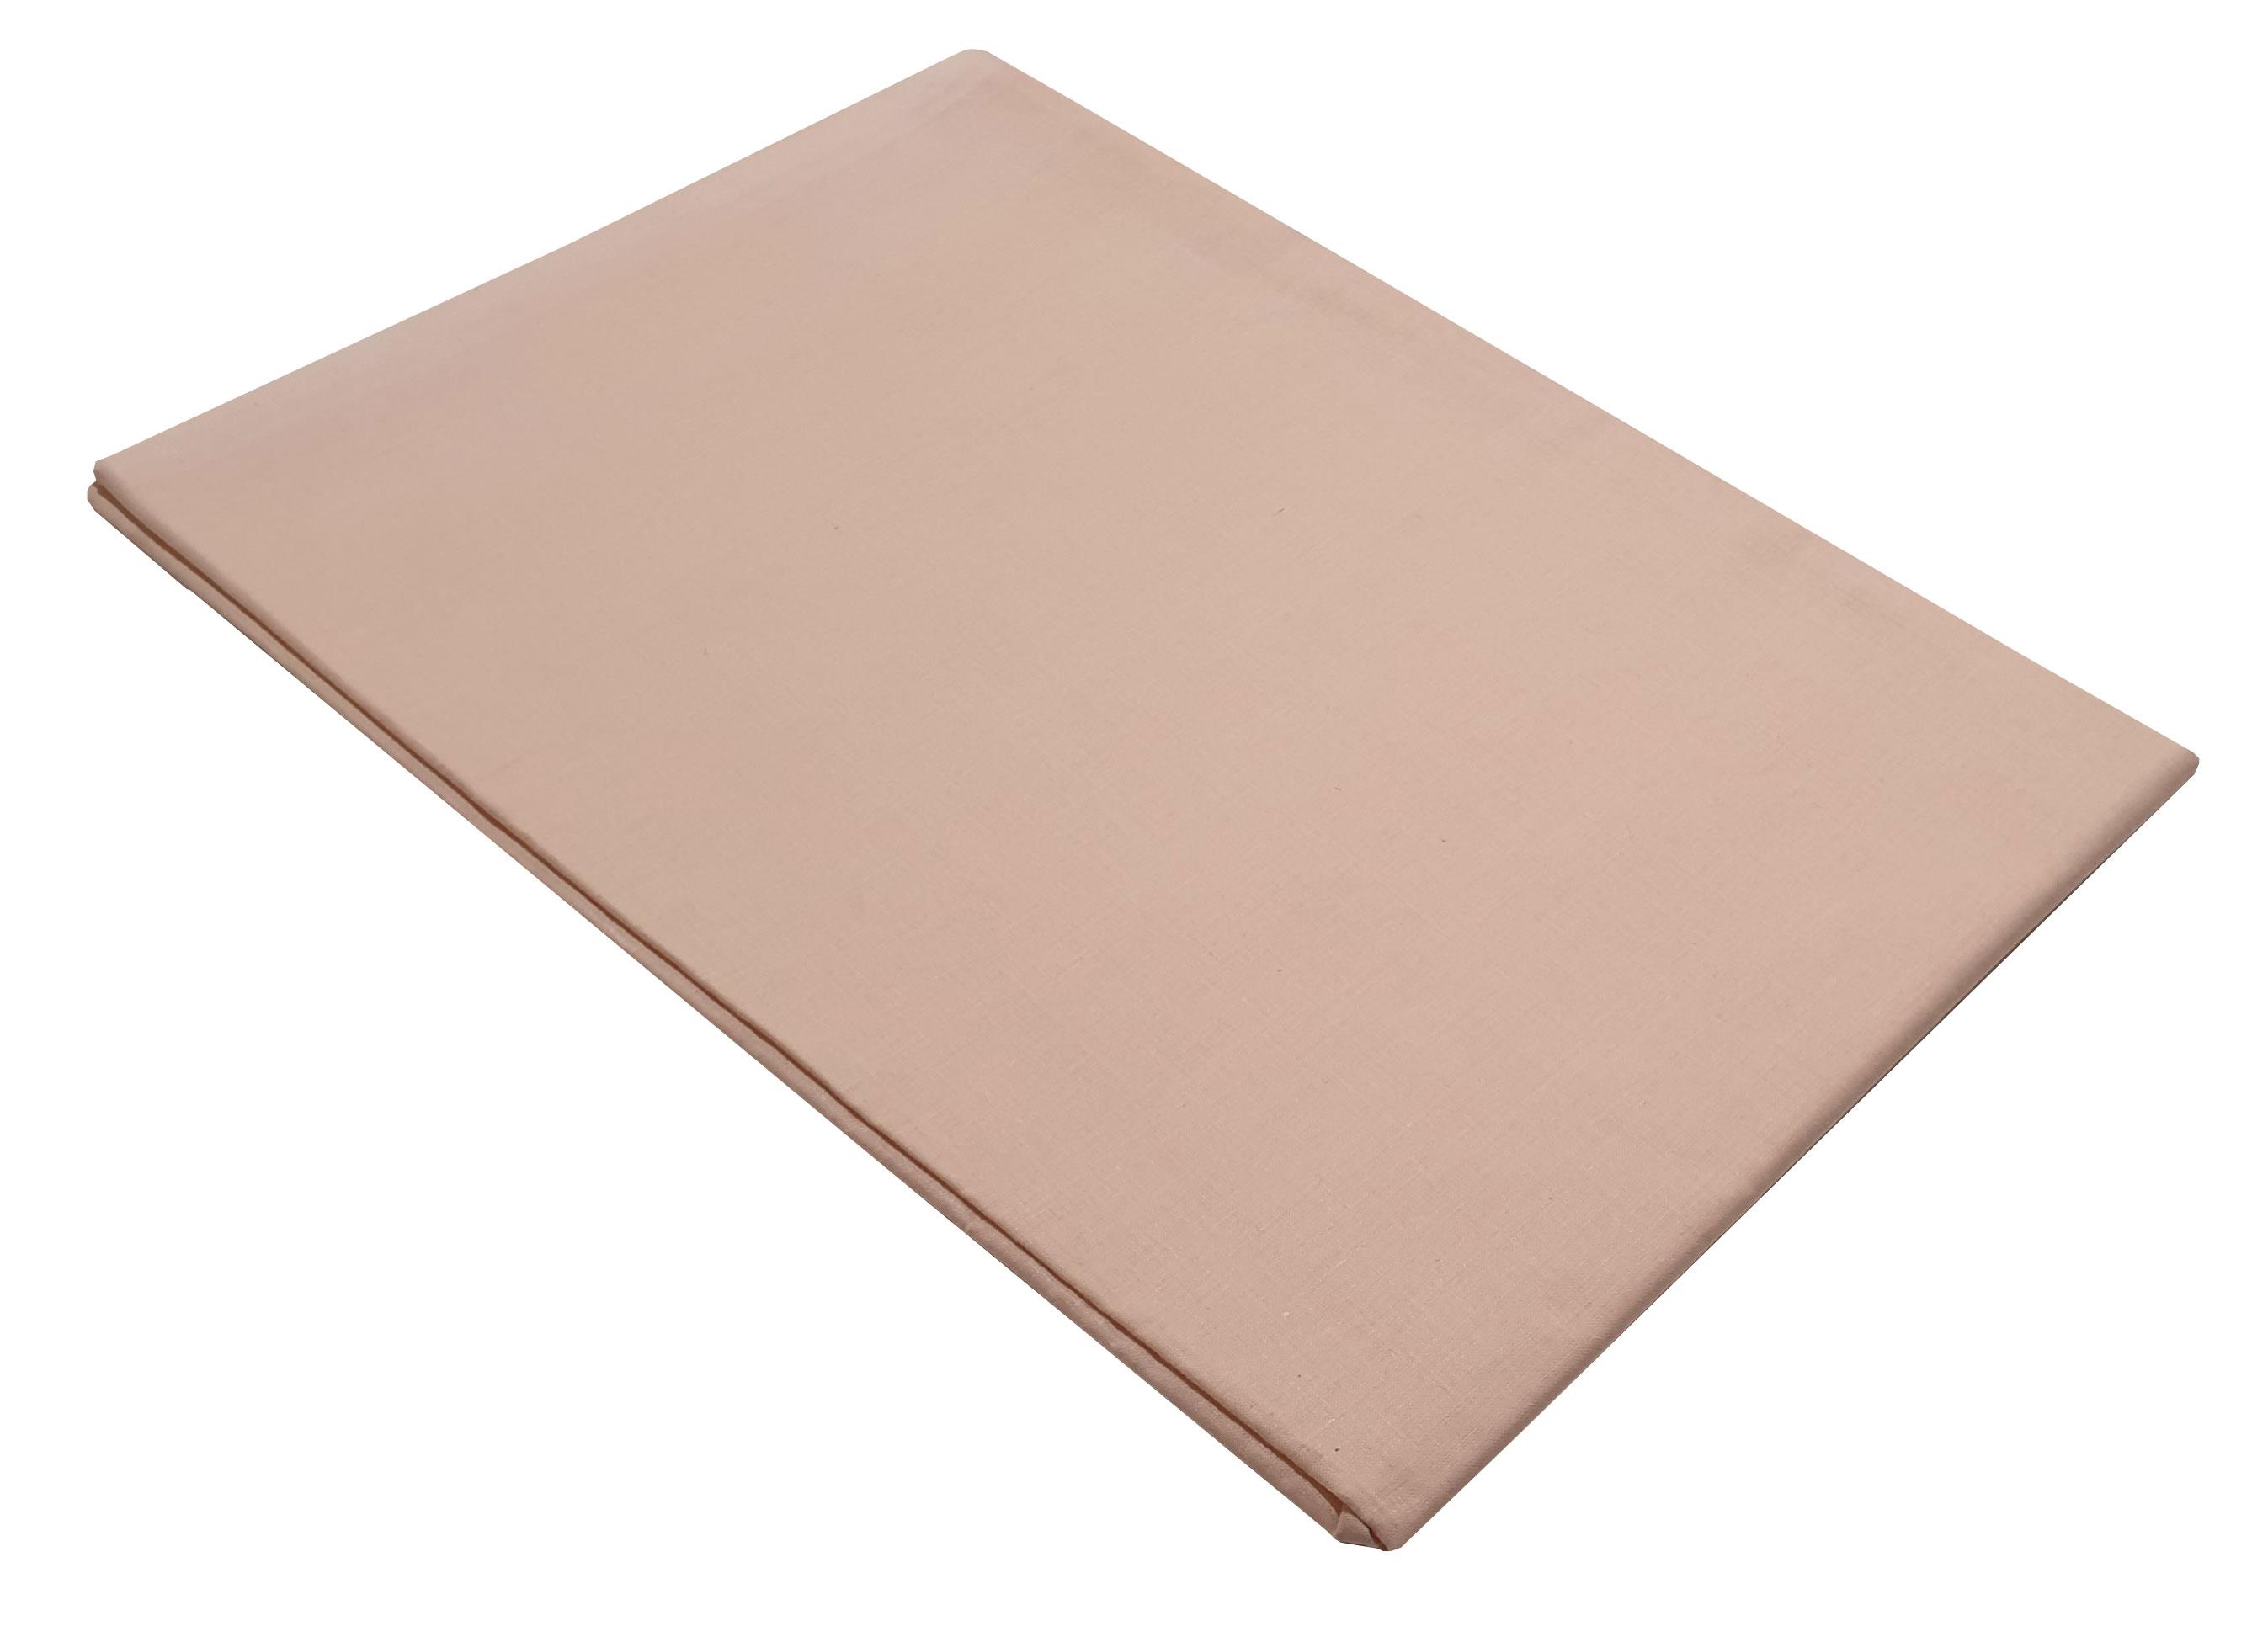 Ζεύγος Mαξιλαροθήκες ΚΟΜΒΟΣ Powder Mονόχρωμες 50x70 - 7000139-32